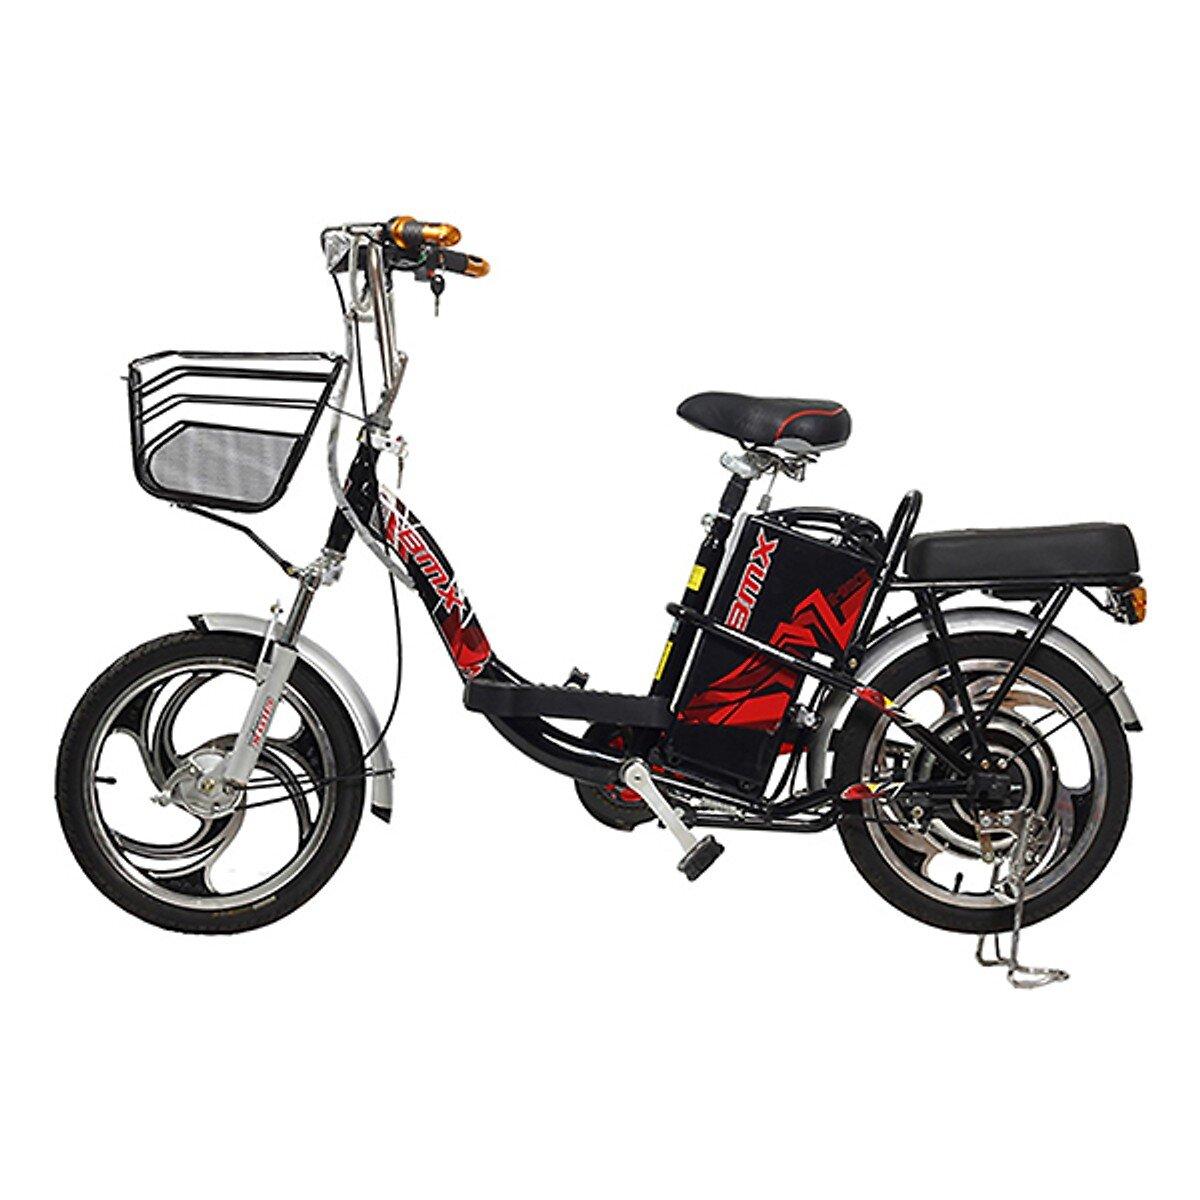 Xe đạp điện BMW Classic phối màu đầy cá tính